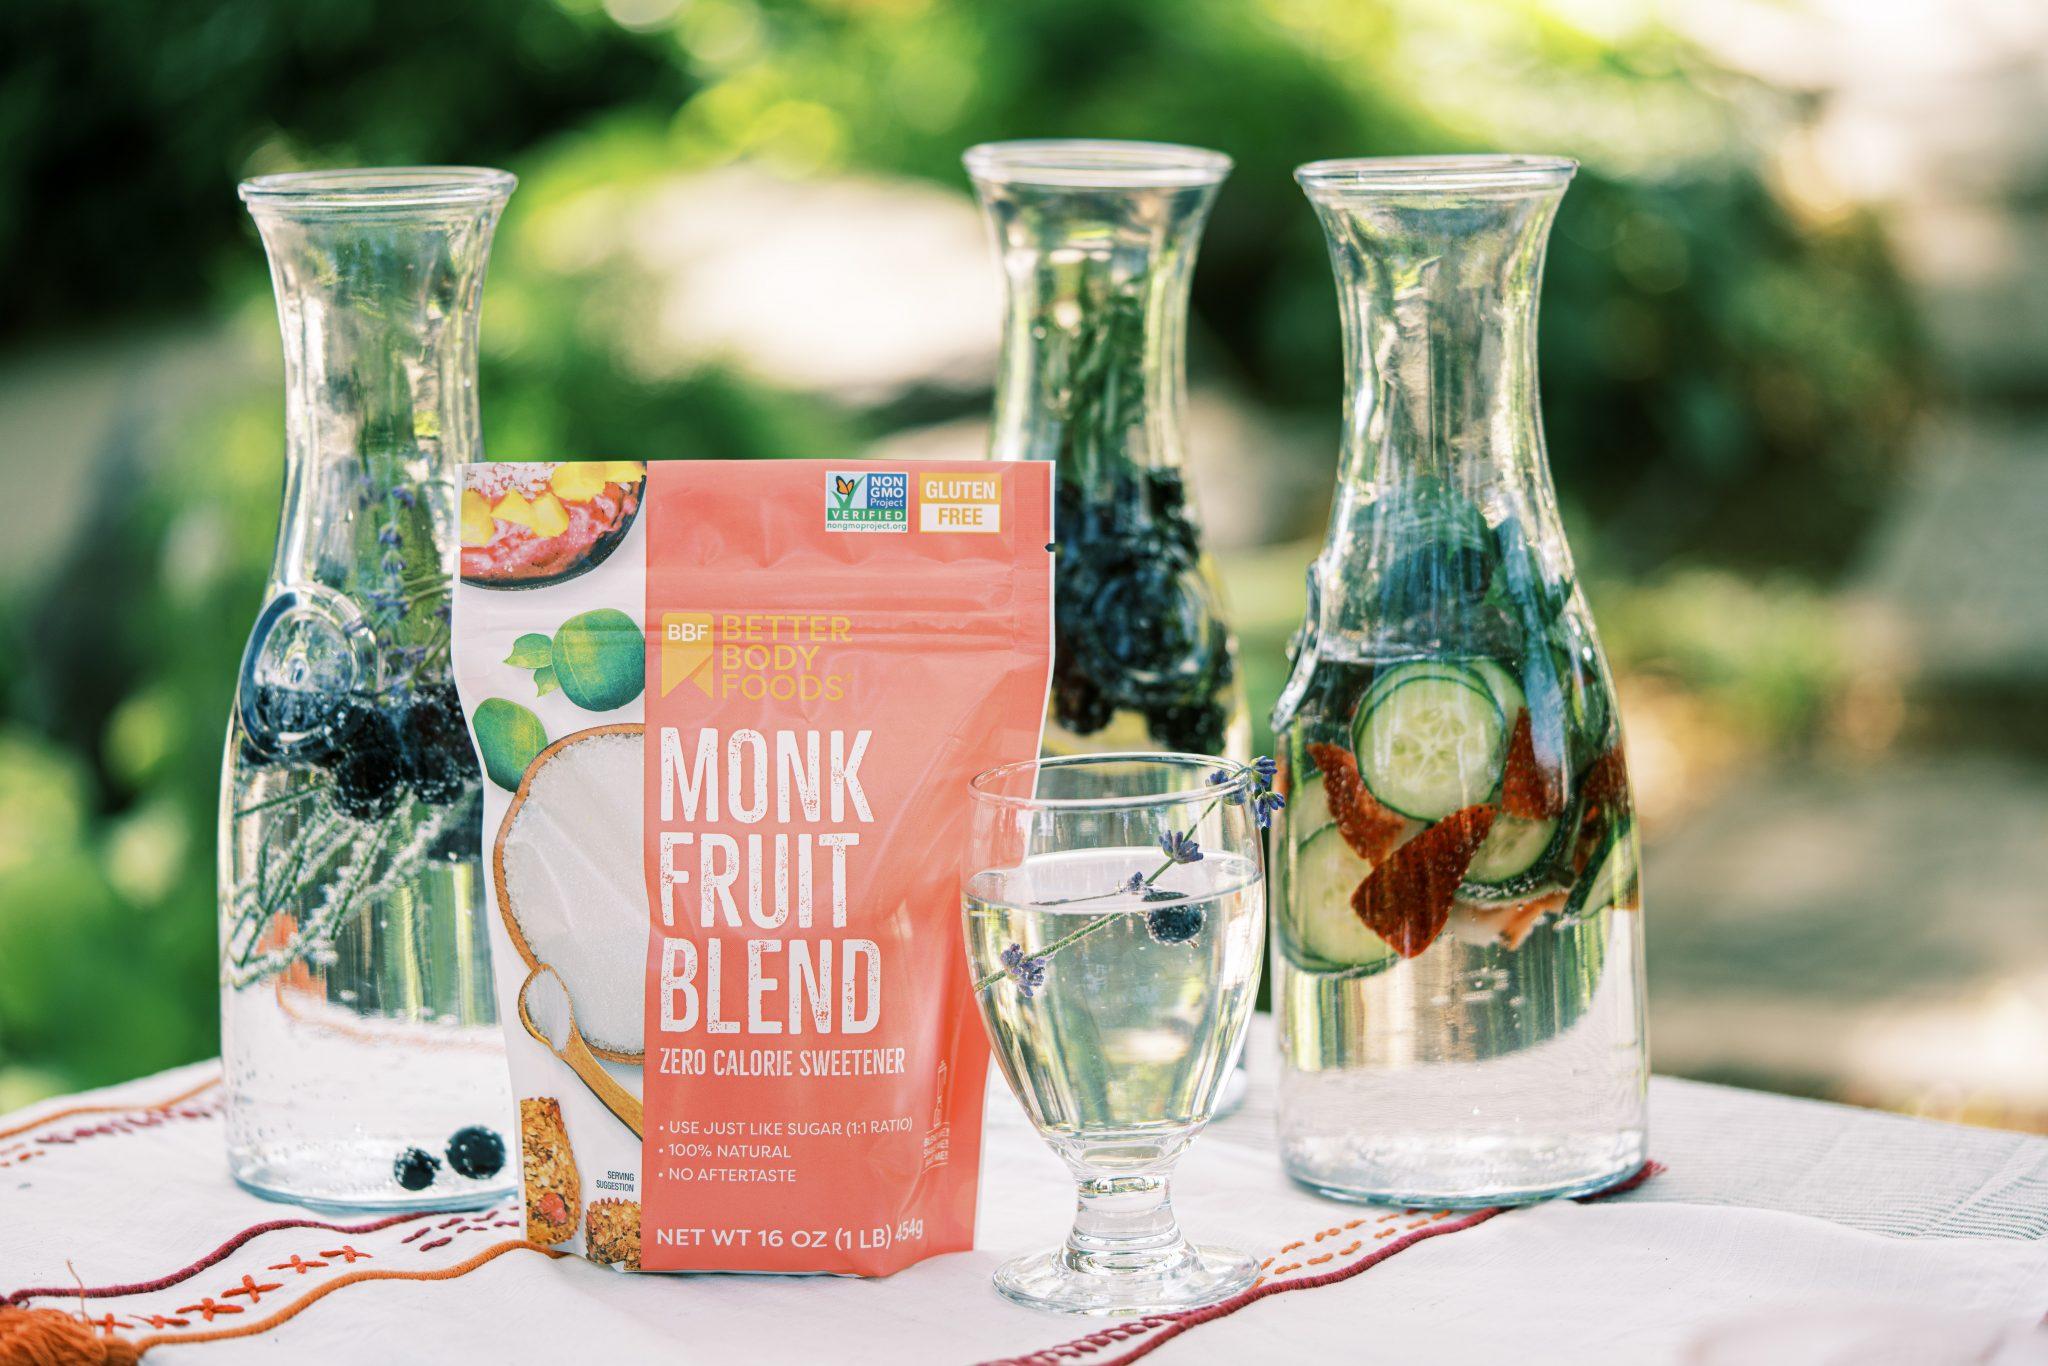 Monk Fruit Sparkler